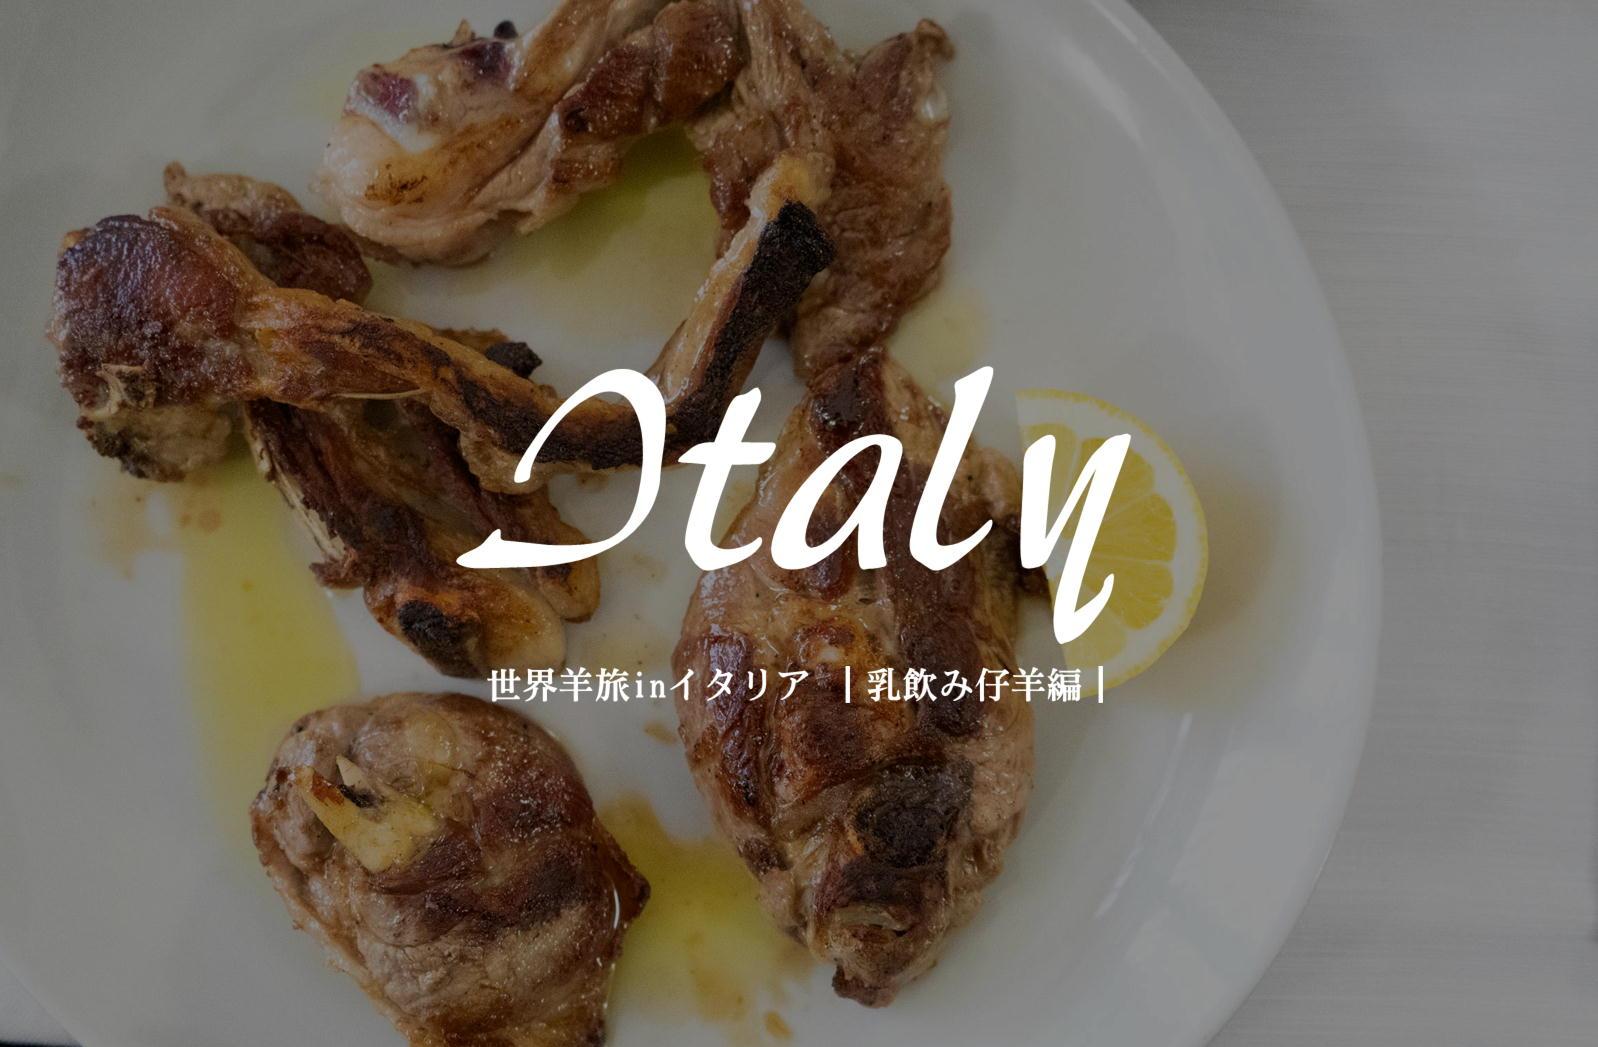 アバッキオ(乳飲み仔羊)【イタリア/ローマ】